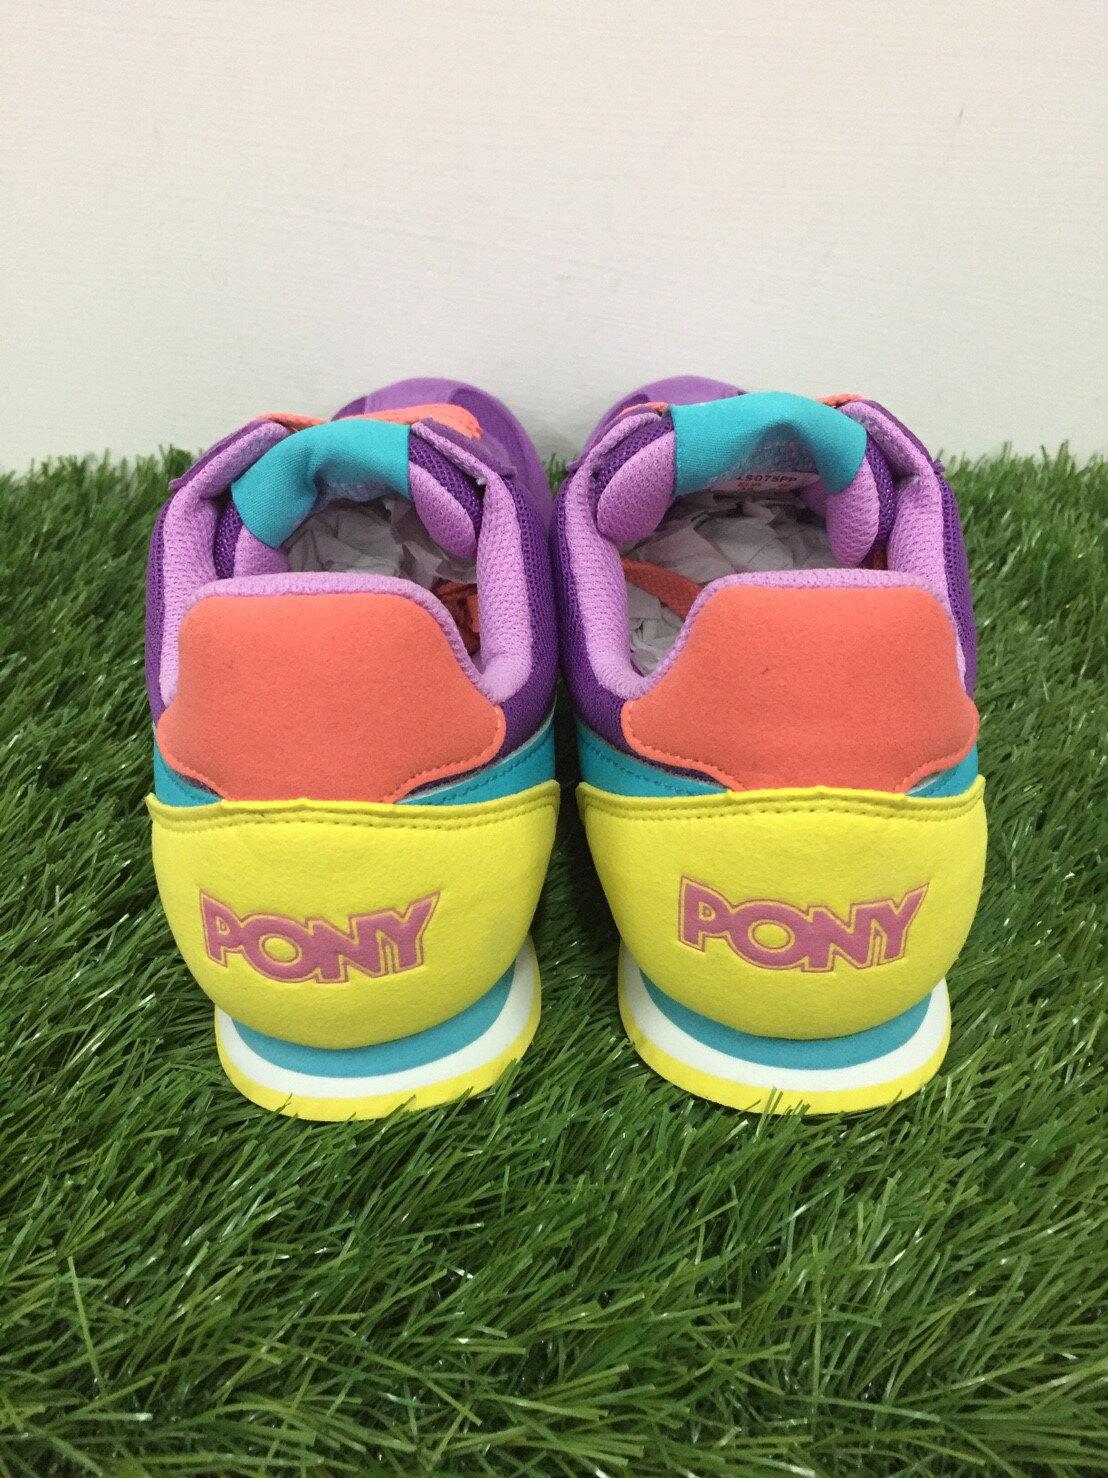 ★限時特價990元★ Shoestw【53W1SO75PP】PONY 復古慢跑鞋 內增高 紫黃藍色 女生 2